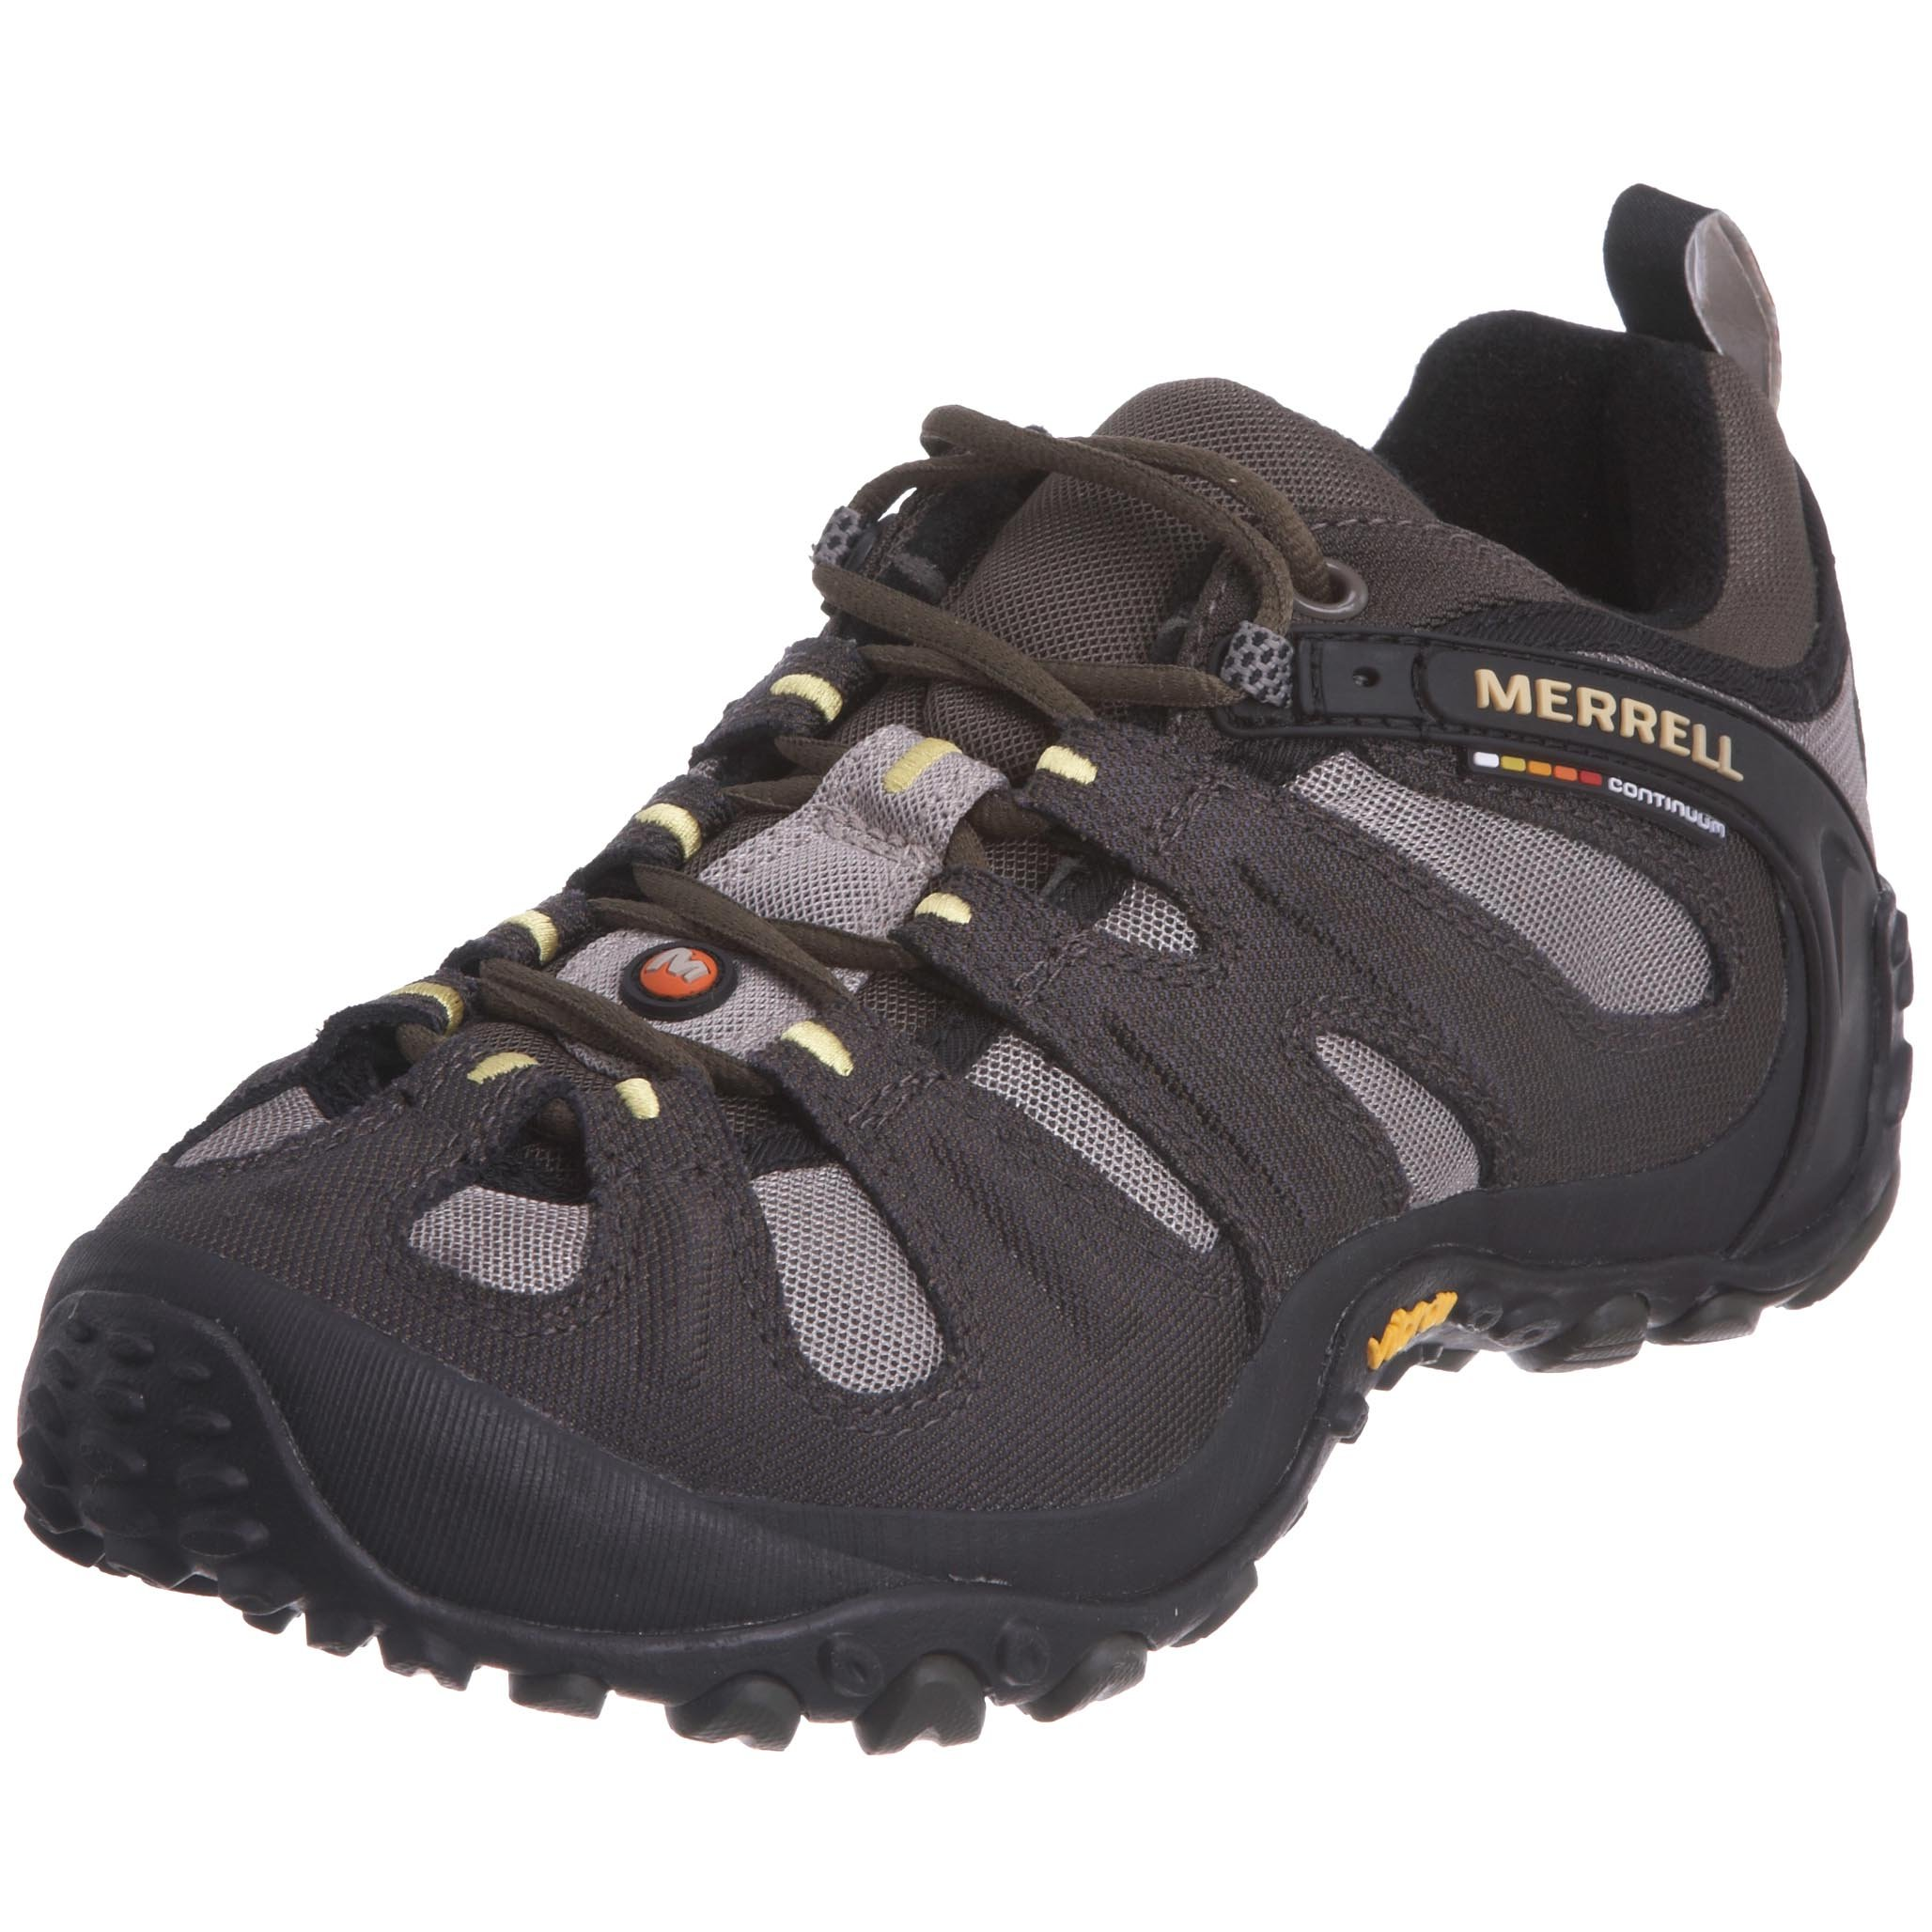 Merrell Men's Chameleon Slam II Walking Shoe, Dusty Olive - 8 D(M) US